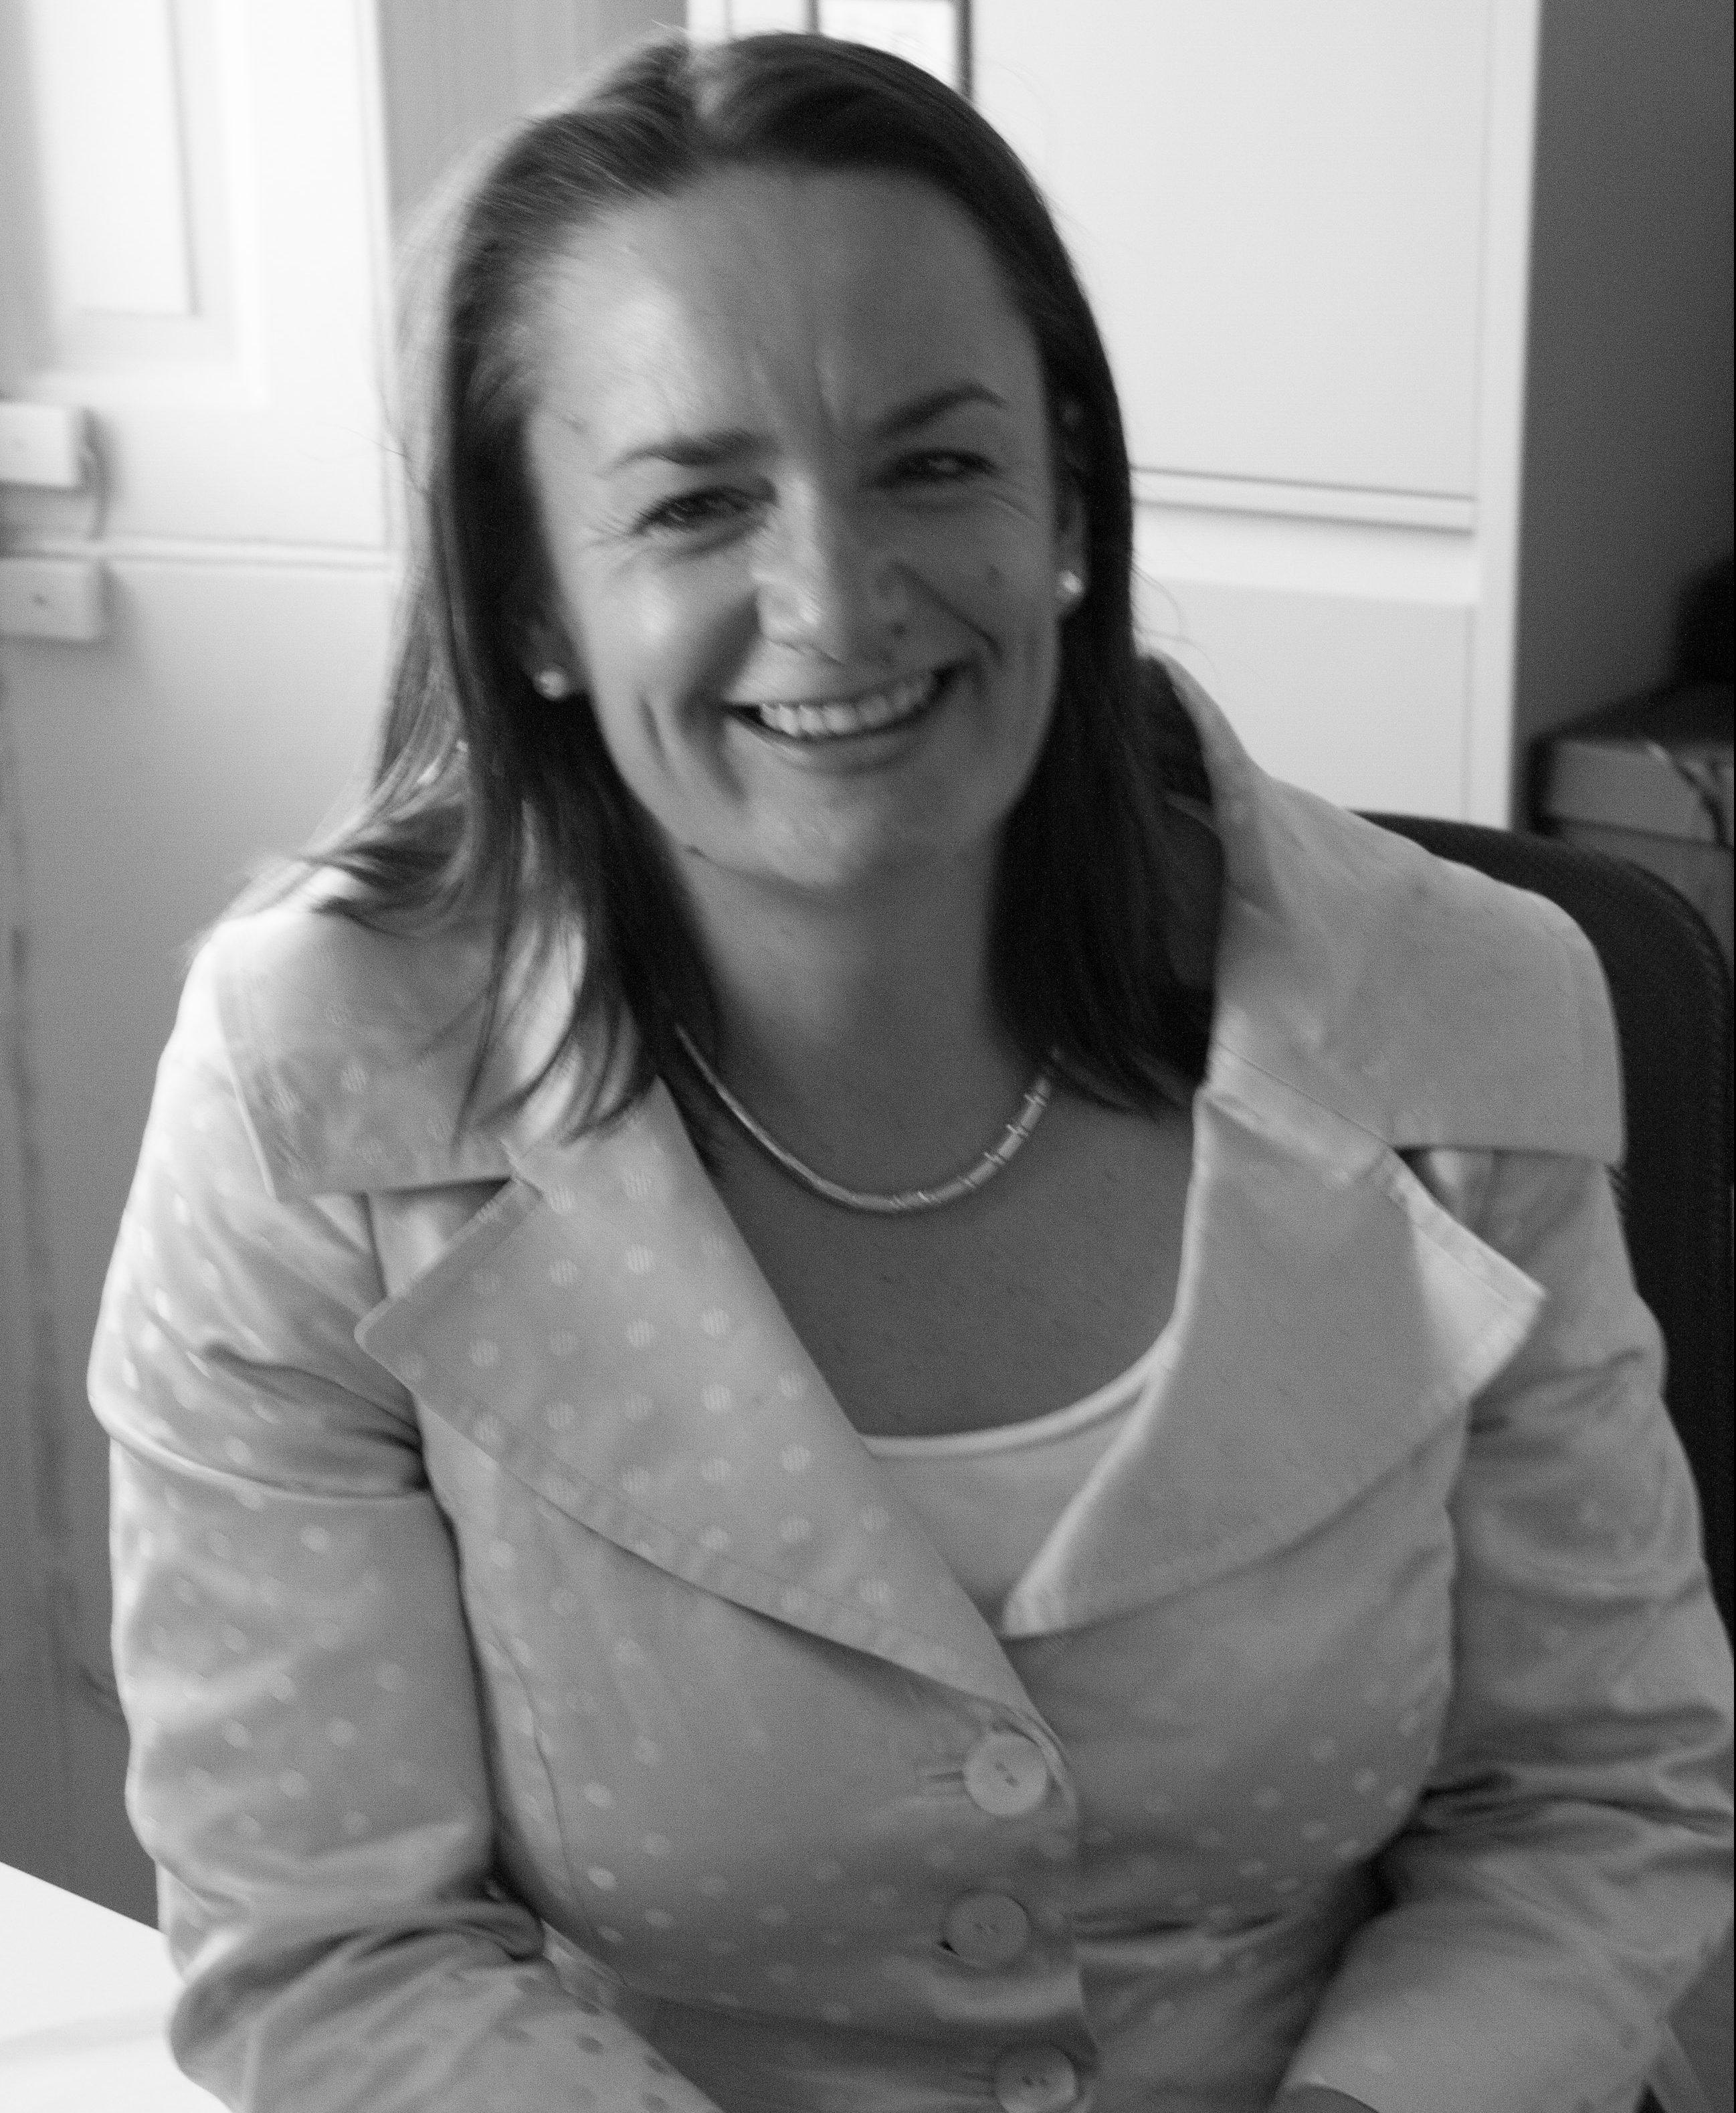 Eleri Cosslett - empowering rehabilitation through entrepreneurship